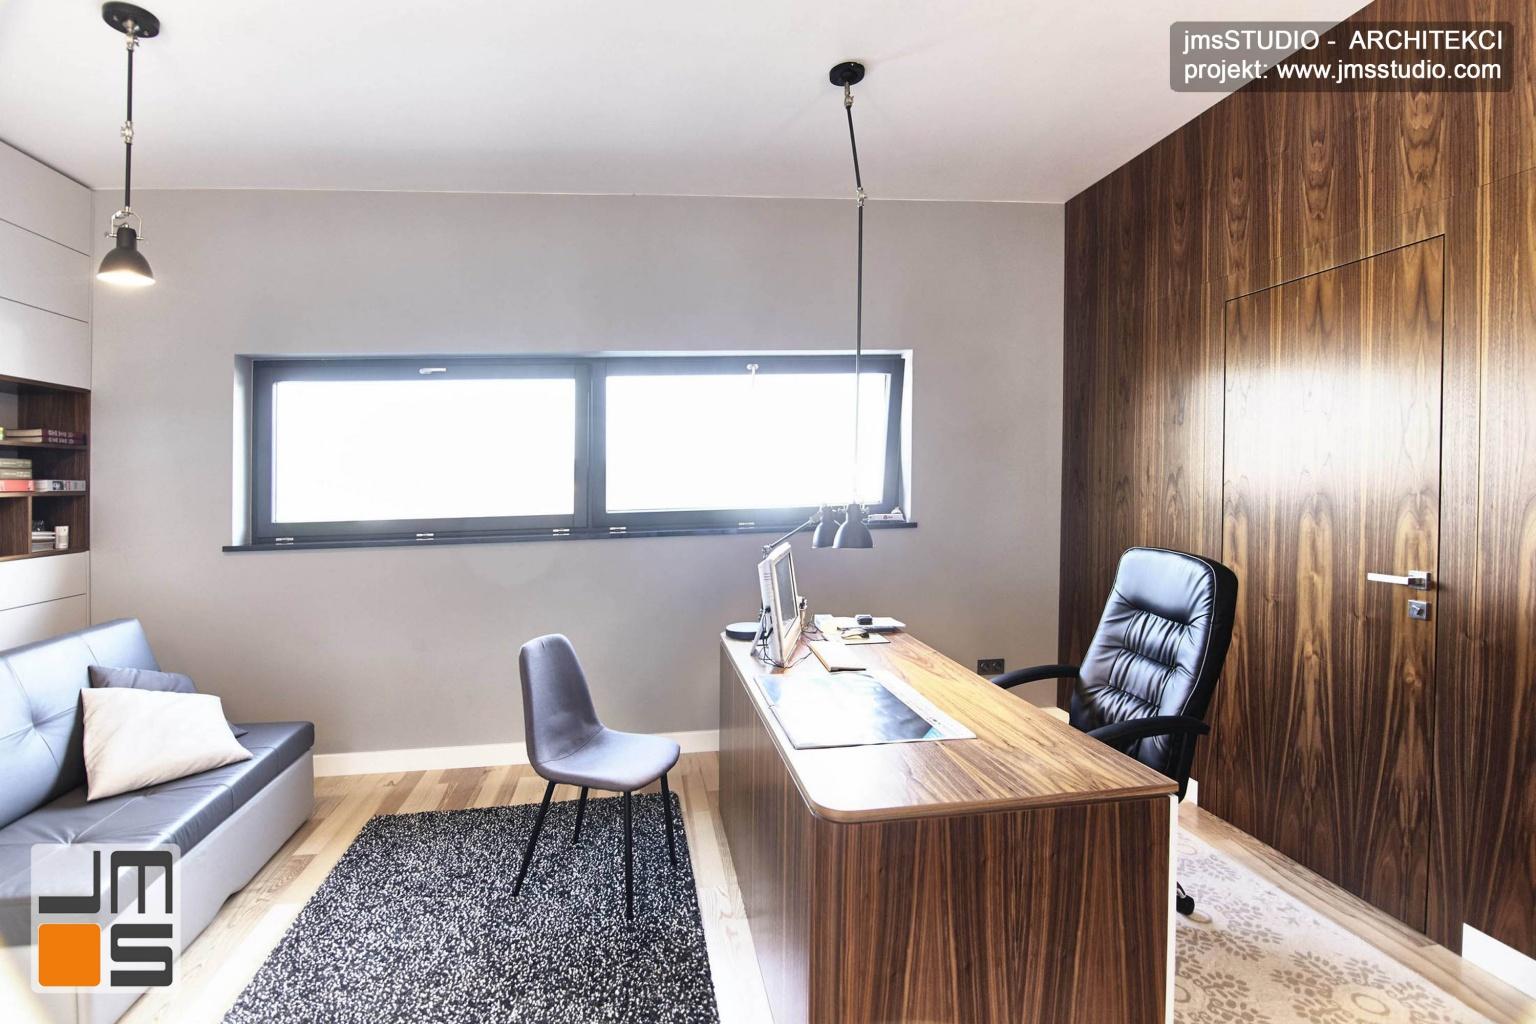 2018 06 w projekcie wnętrz gabinetu zastosowano drewnianą ścianę fornirowaną z ukrytymi drzwiami